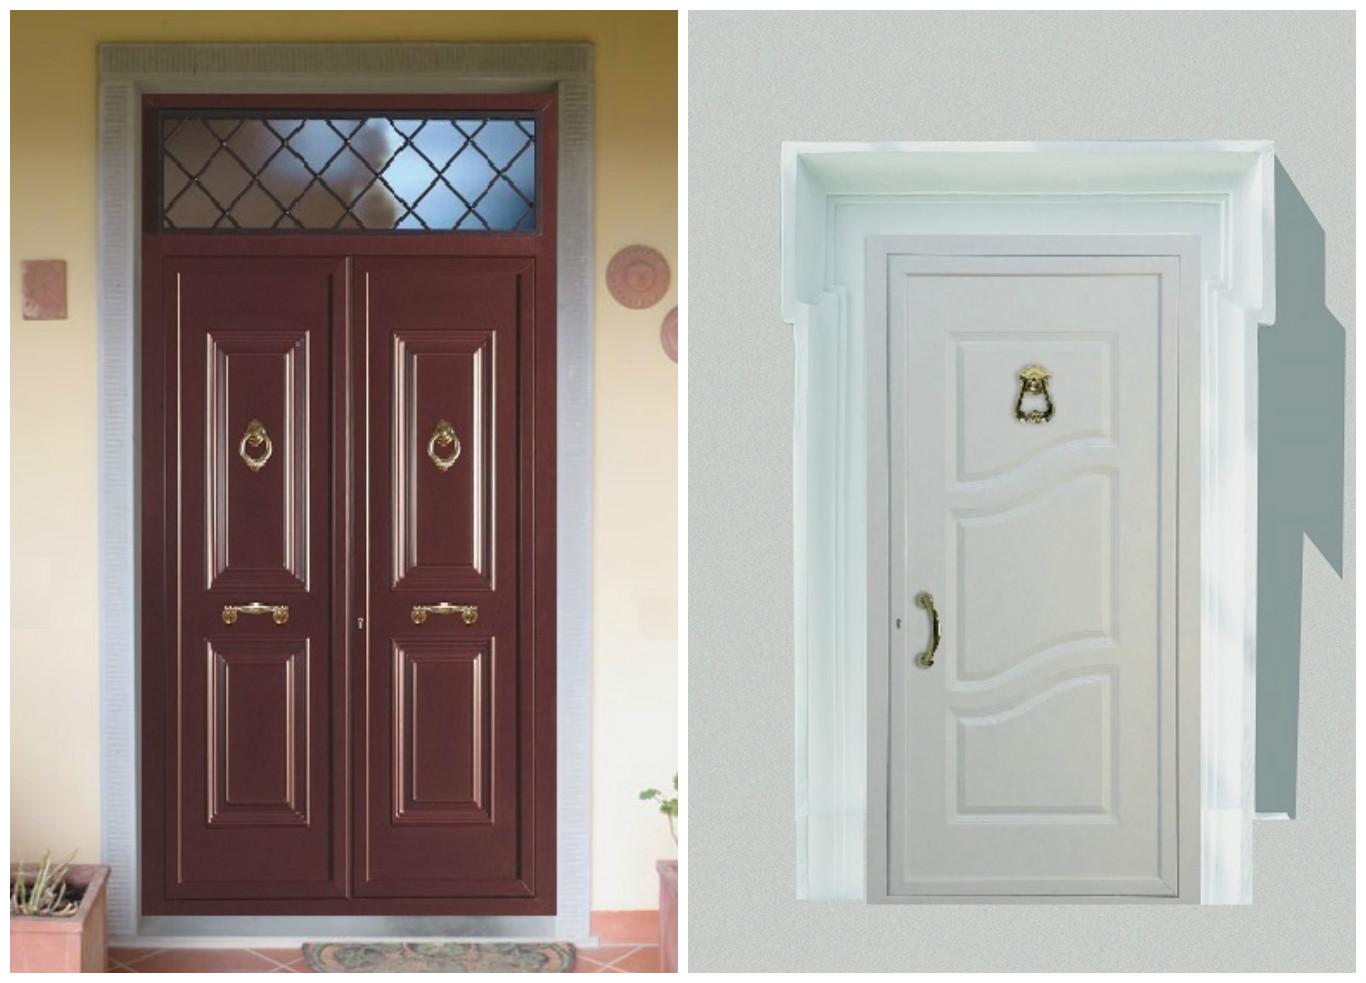 Pannelli di rivestimento in alluminio - Pannelli decorativi per porte ...